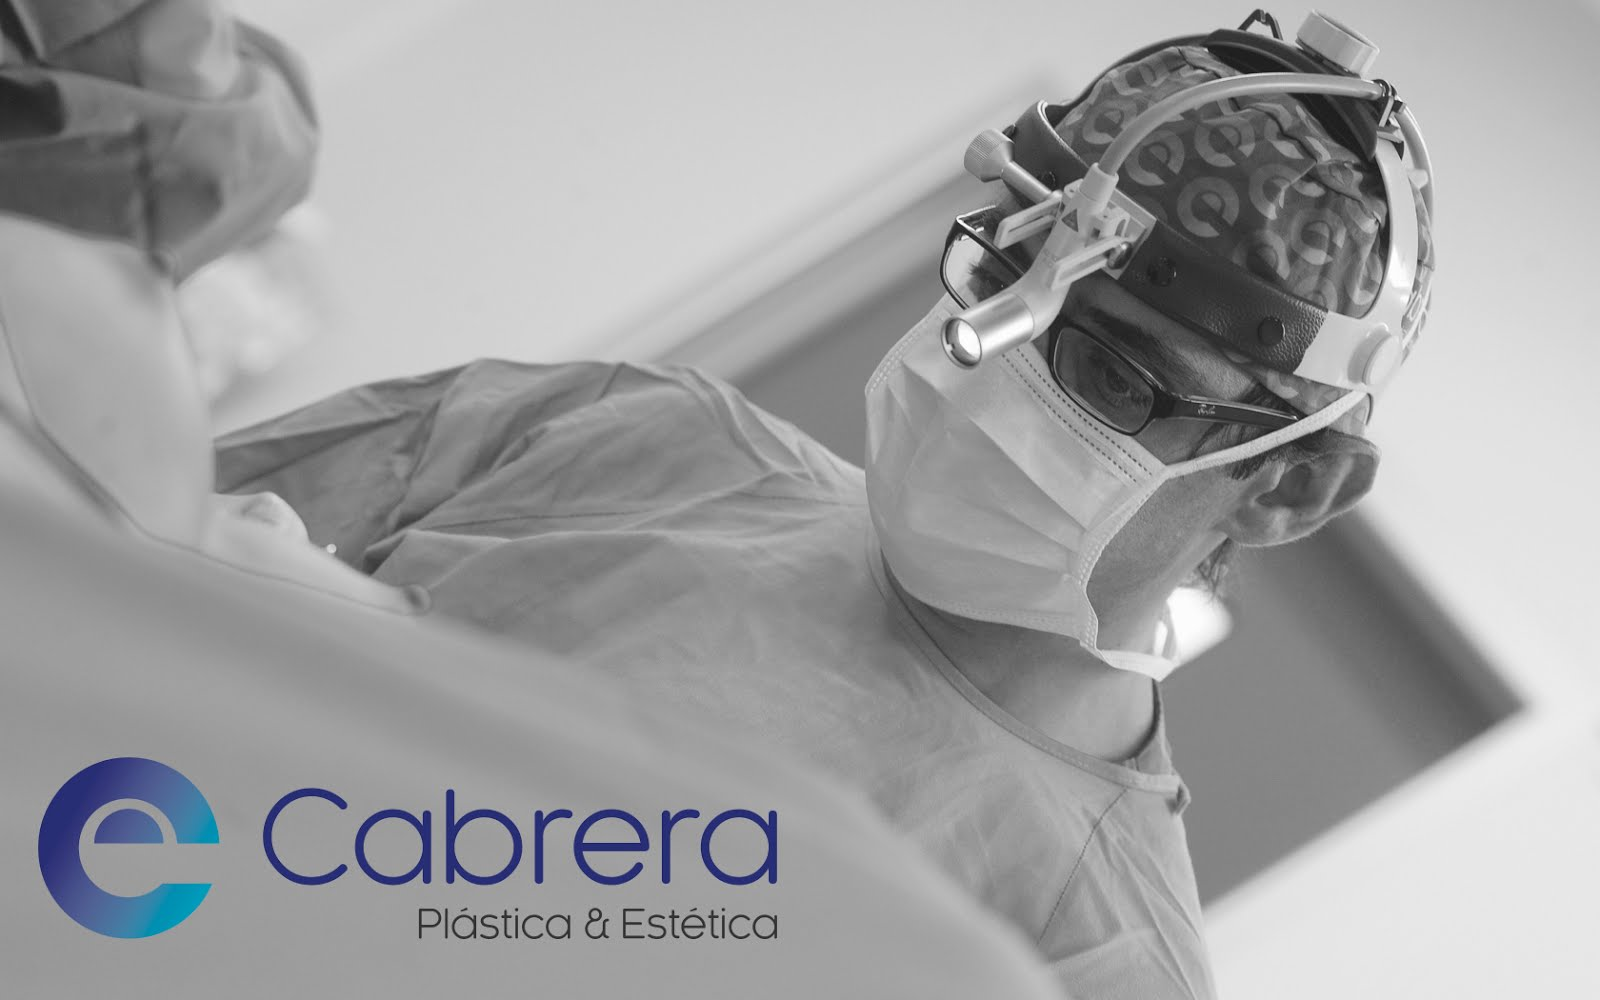 Novedades en Cirugía Plástica Estética Dr. Emilio Cabrera